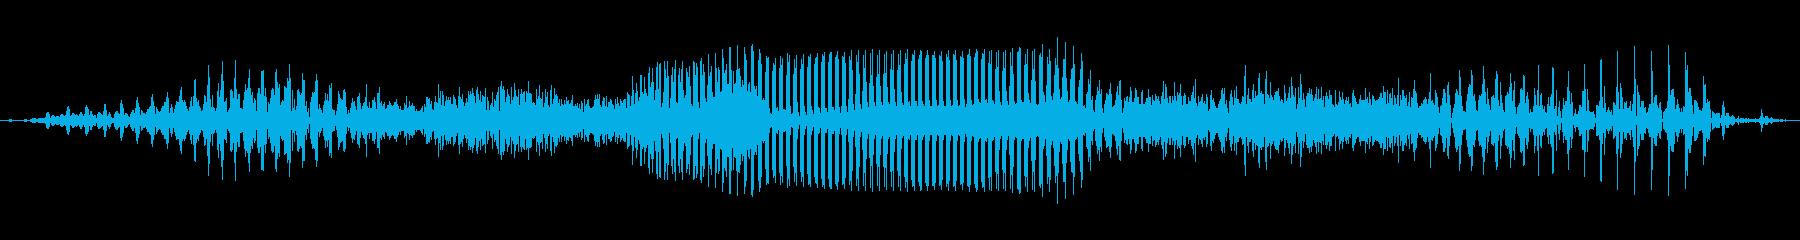 働く車 - 輸送車(キャリアカー)の再生済みの波形